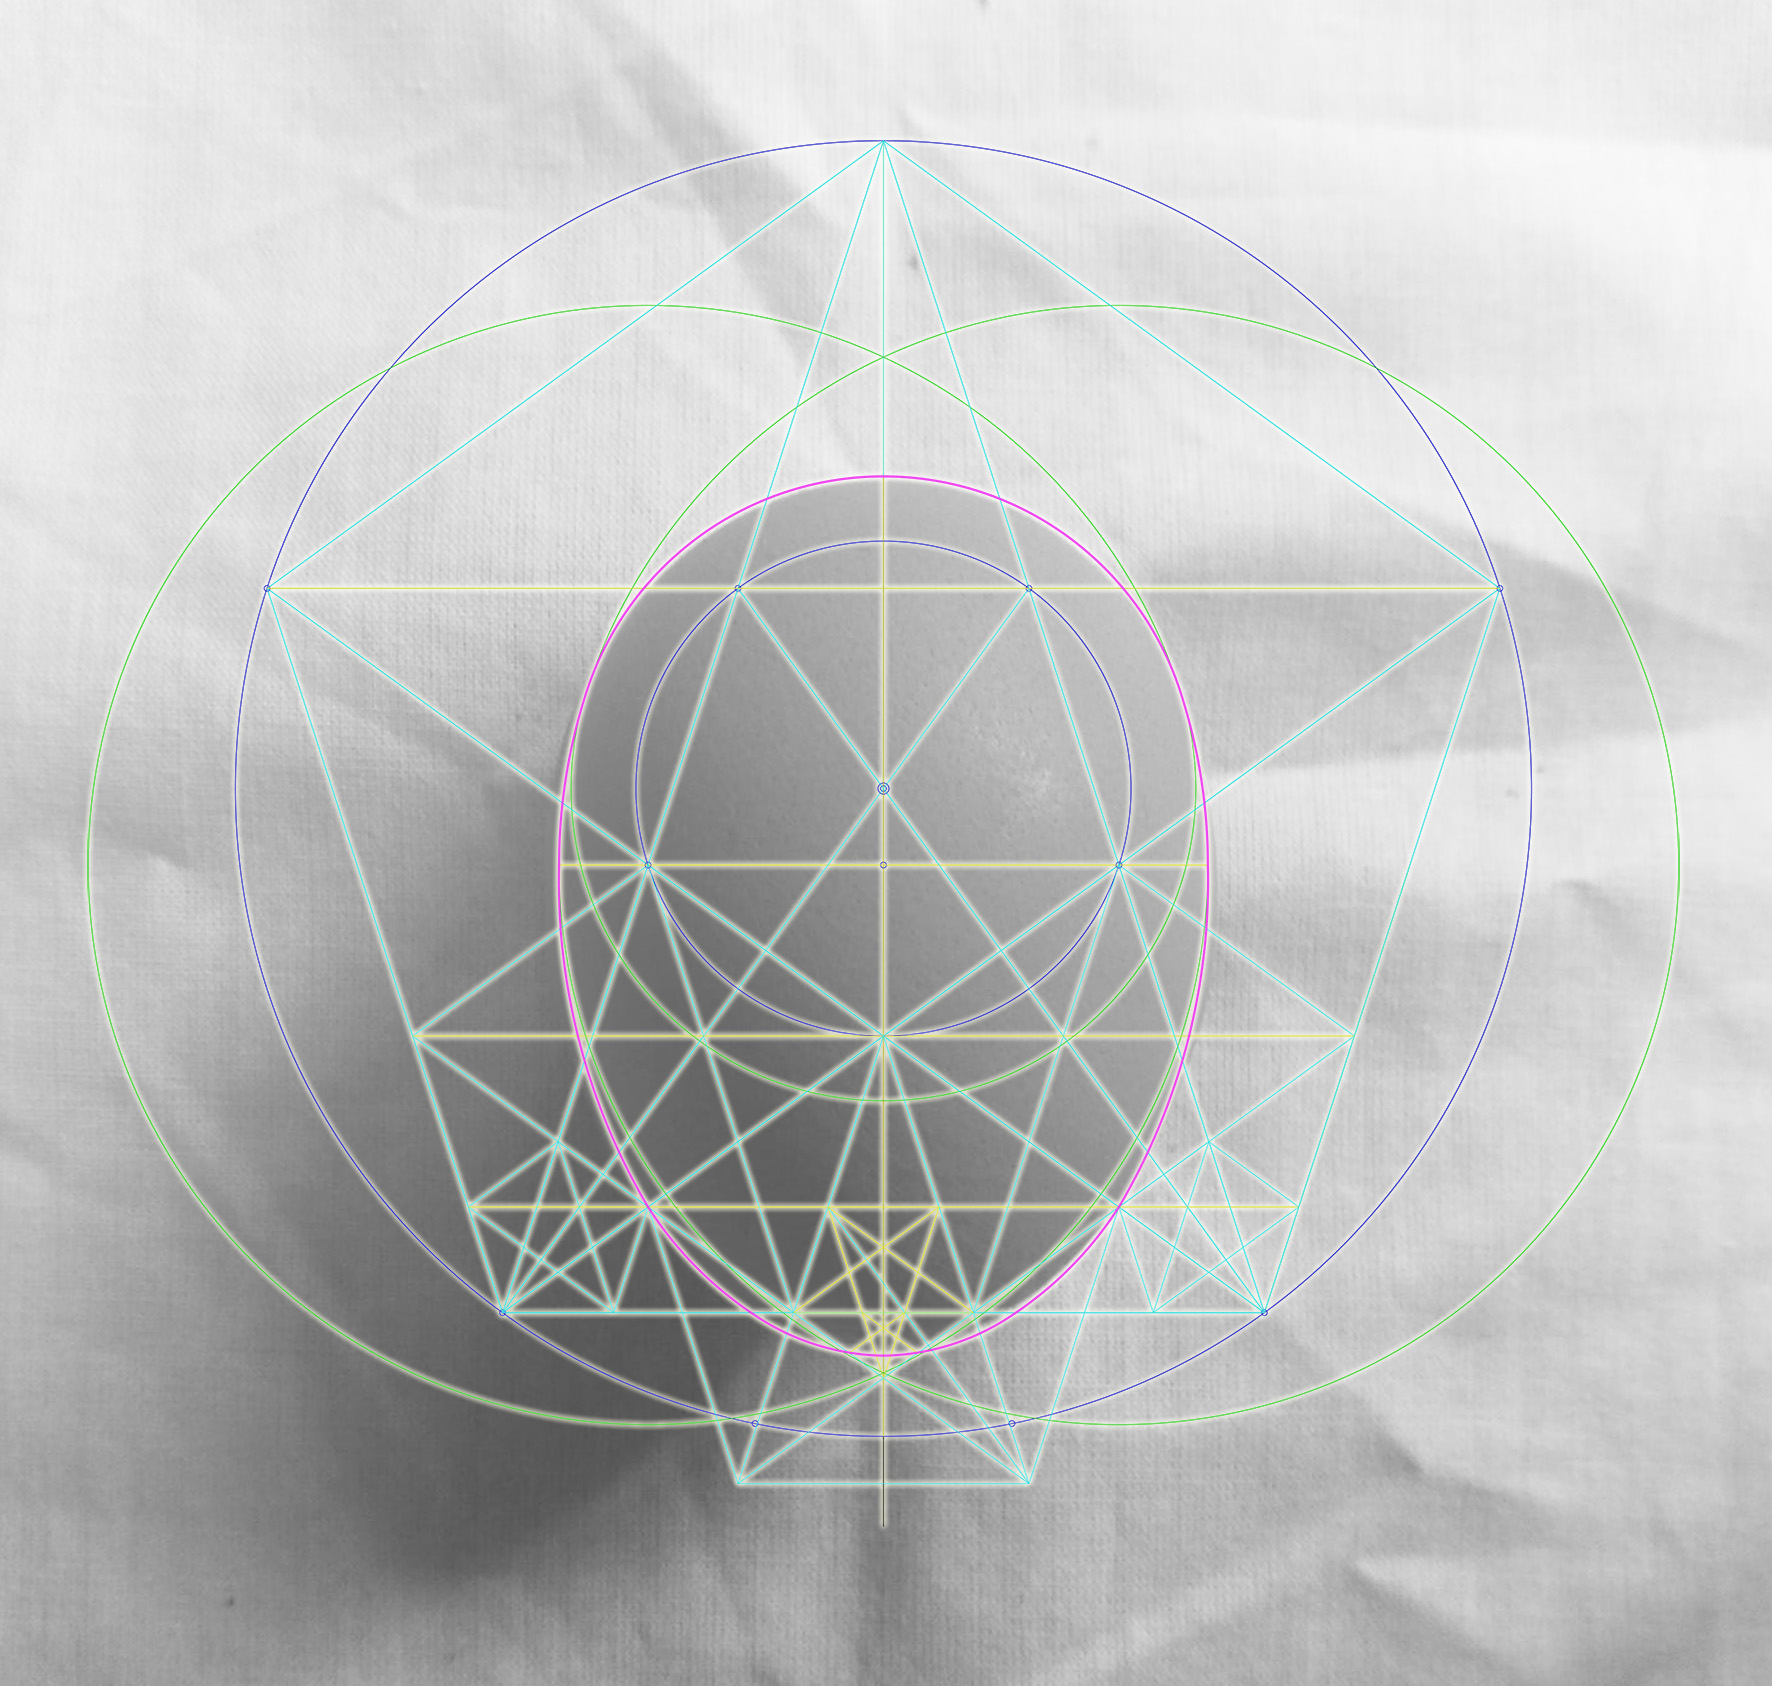 geometry of the egg 2.jpg